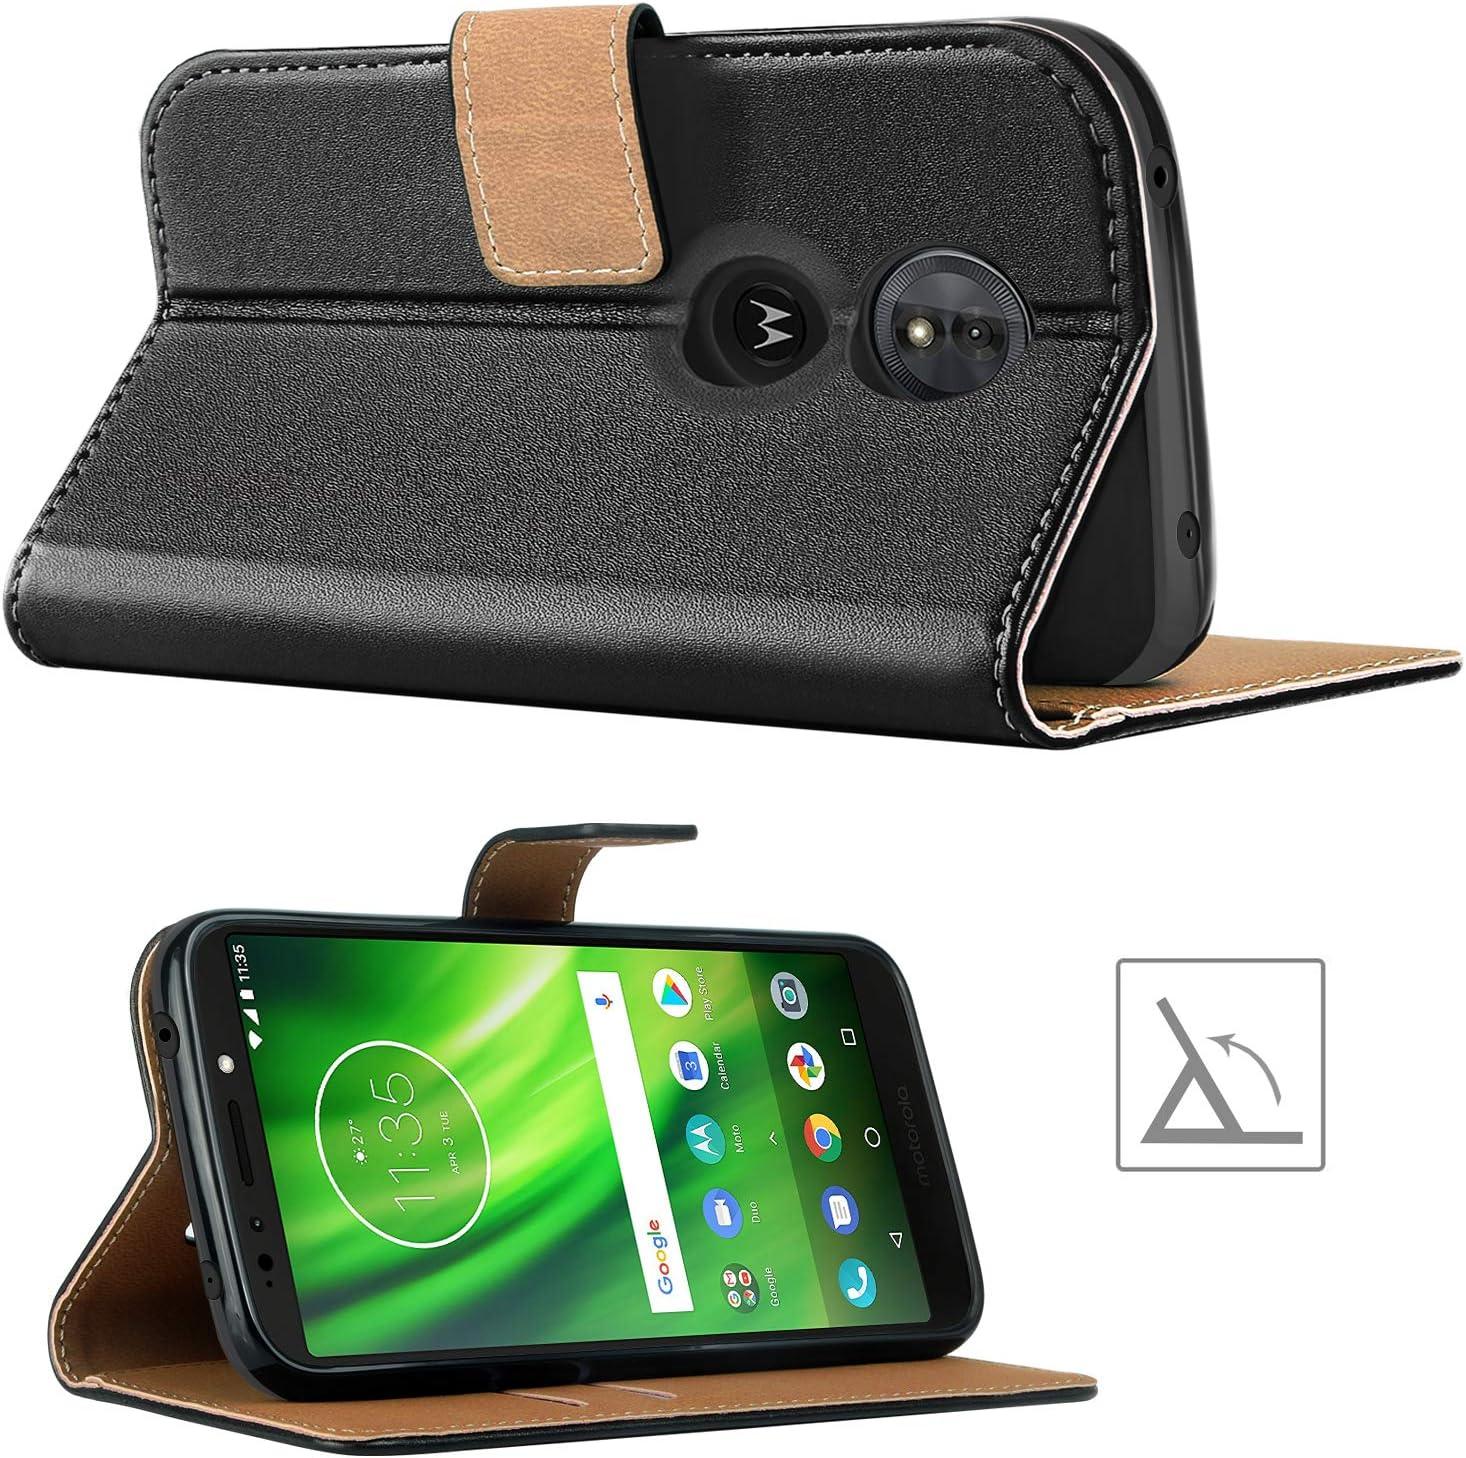 Premium Leder Flip Schutzh/ülle f/ür Motorola Moto G6 Play Tasche Schwarz HOOMIL Handyh/ülle f/ür Motorola Moto G6 Play H/ülle